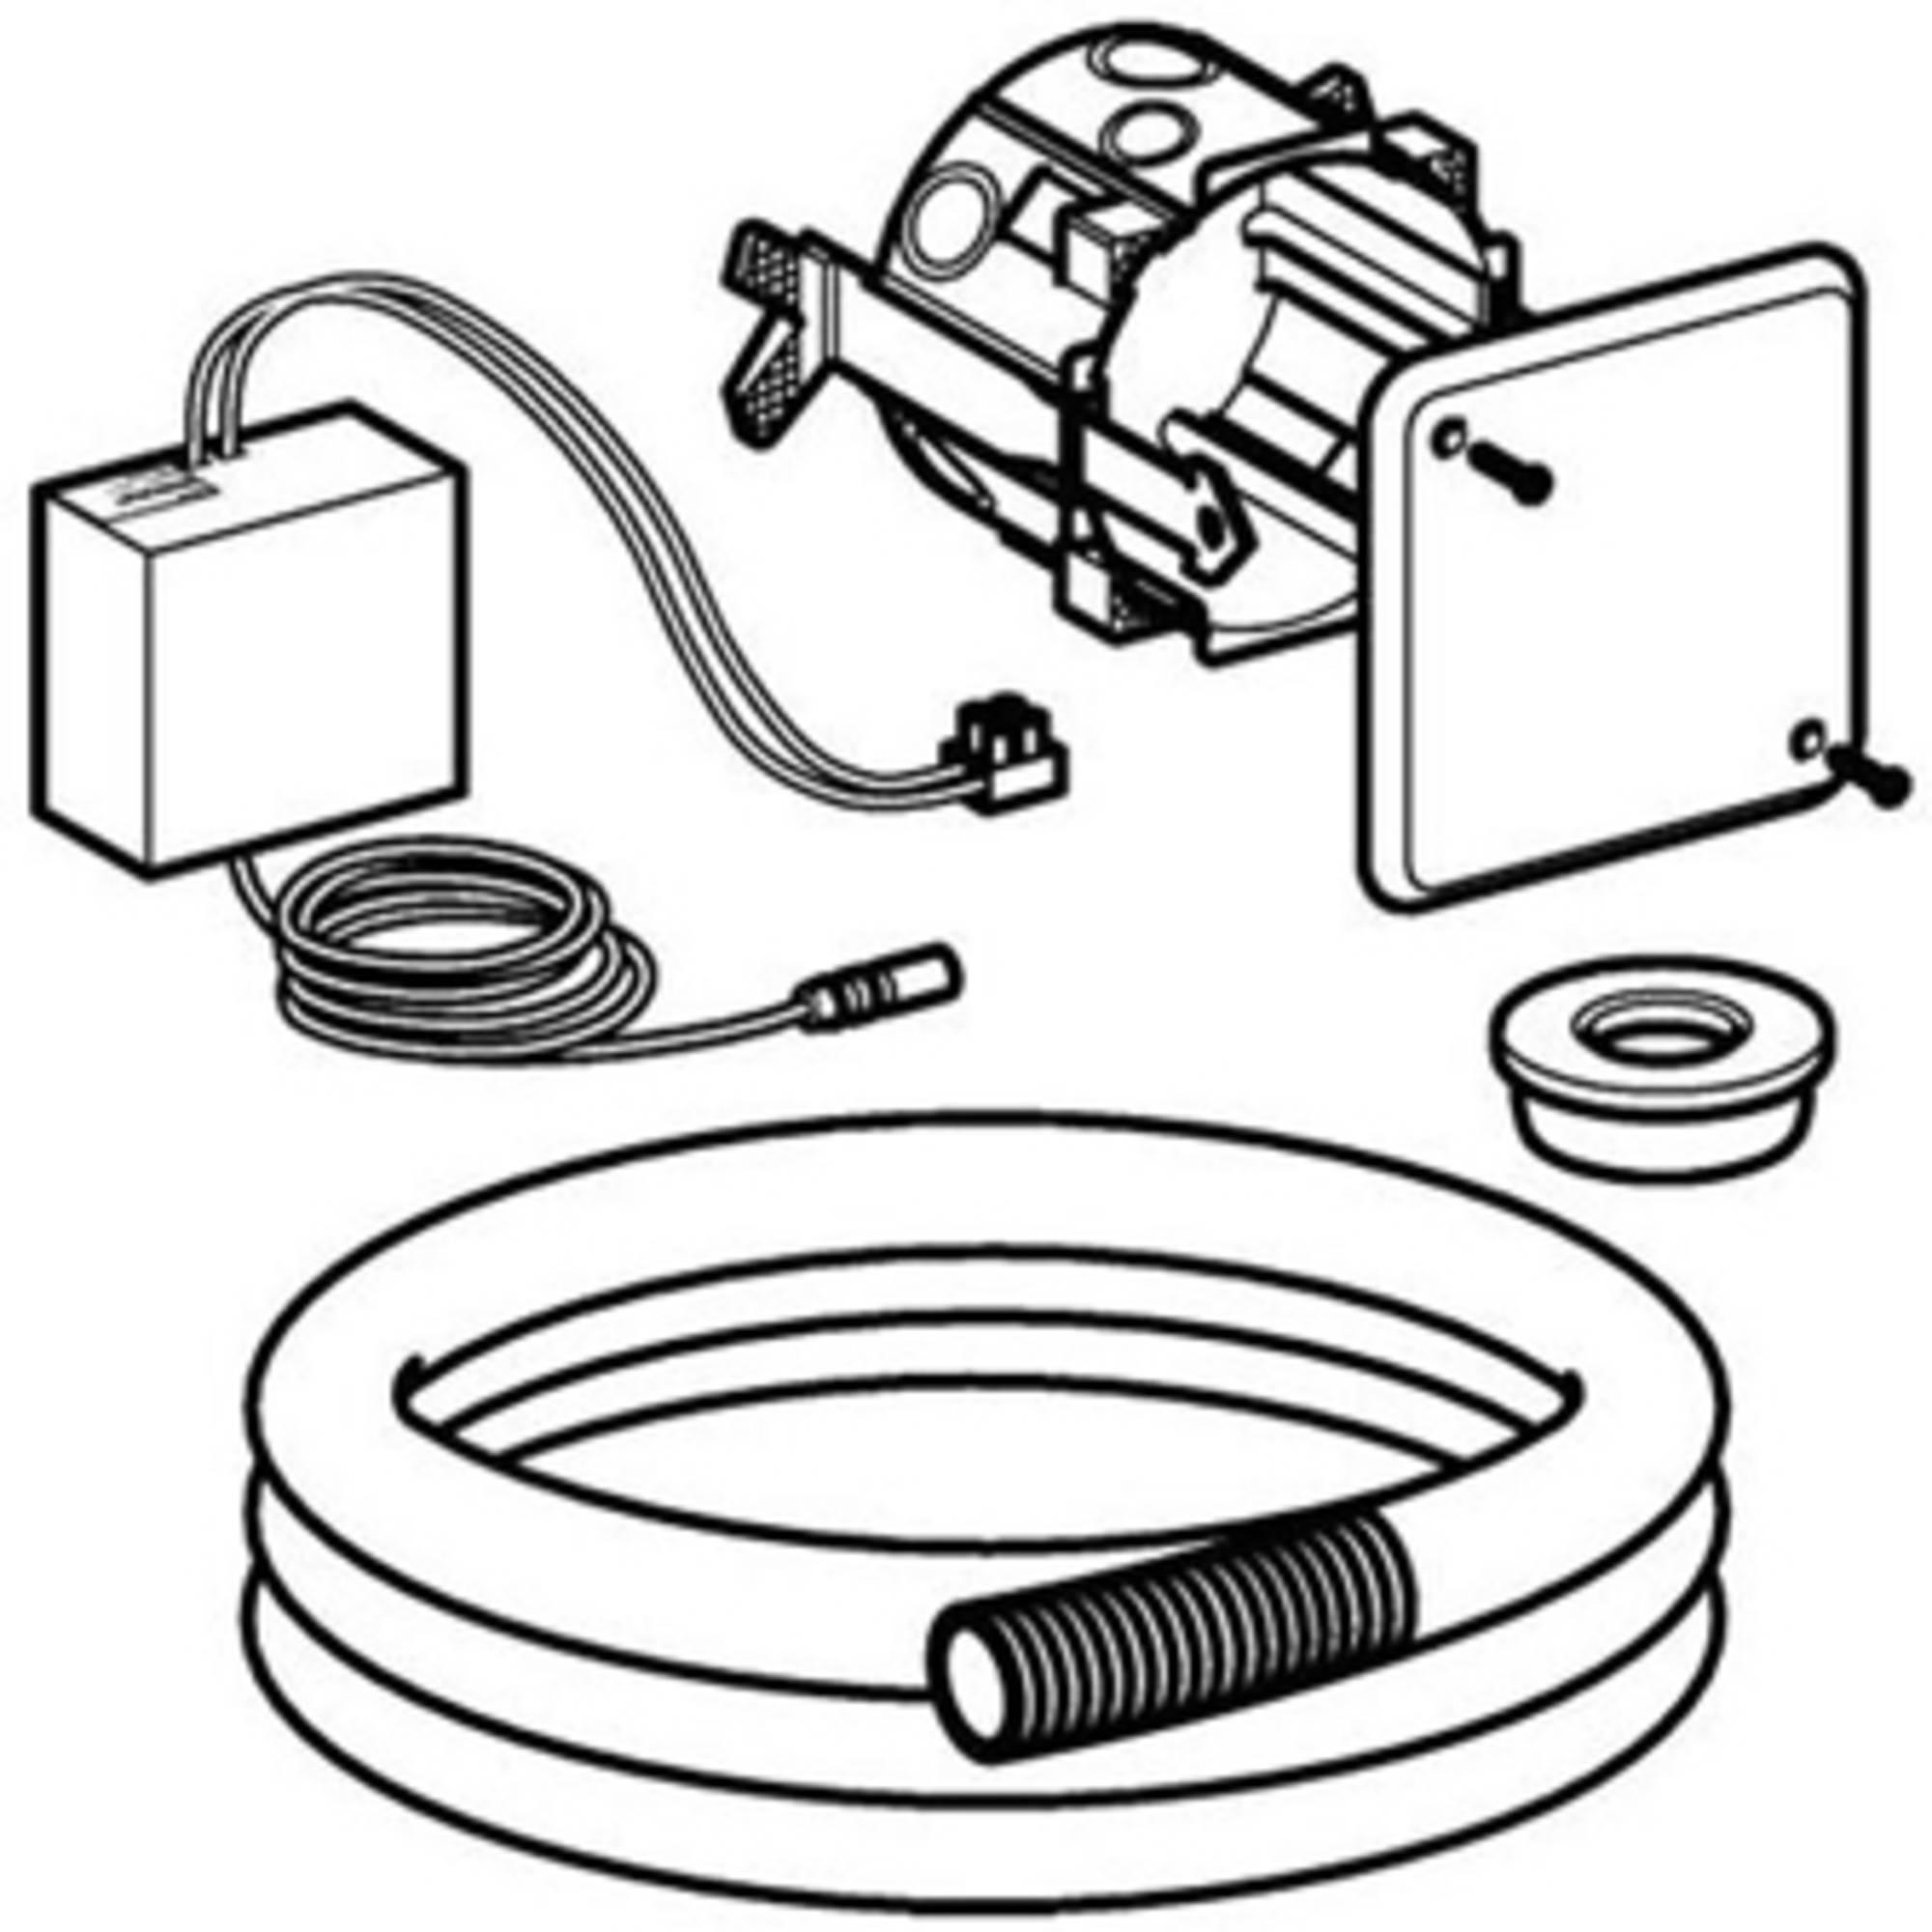 Geberit inbouwset voor hy-tronic wc sturing 230v